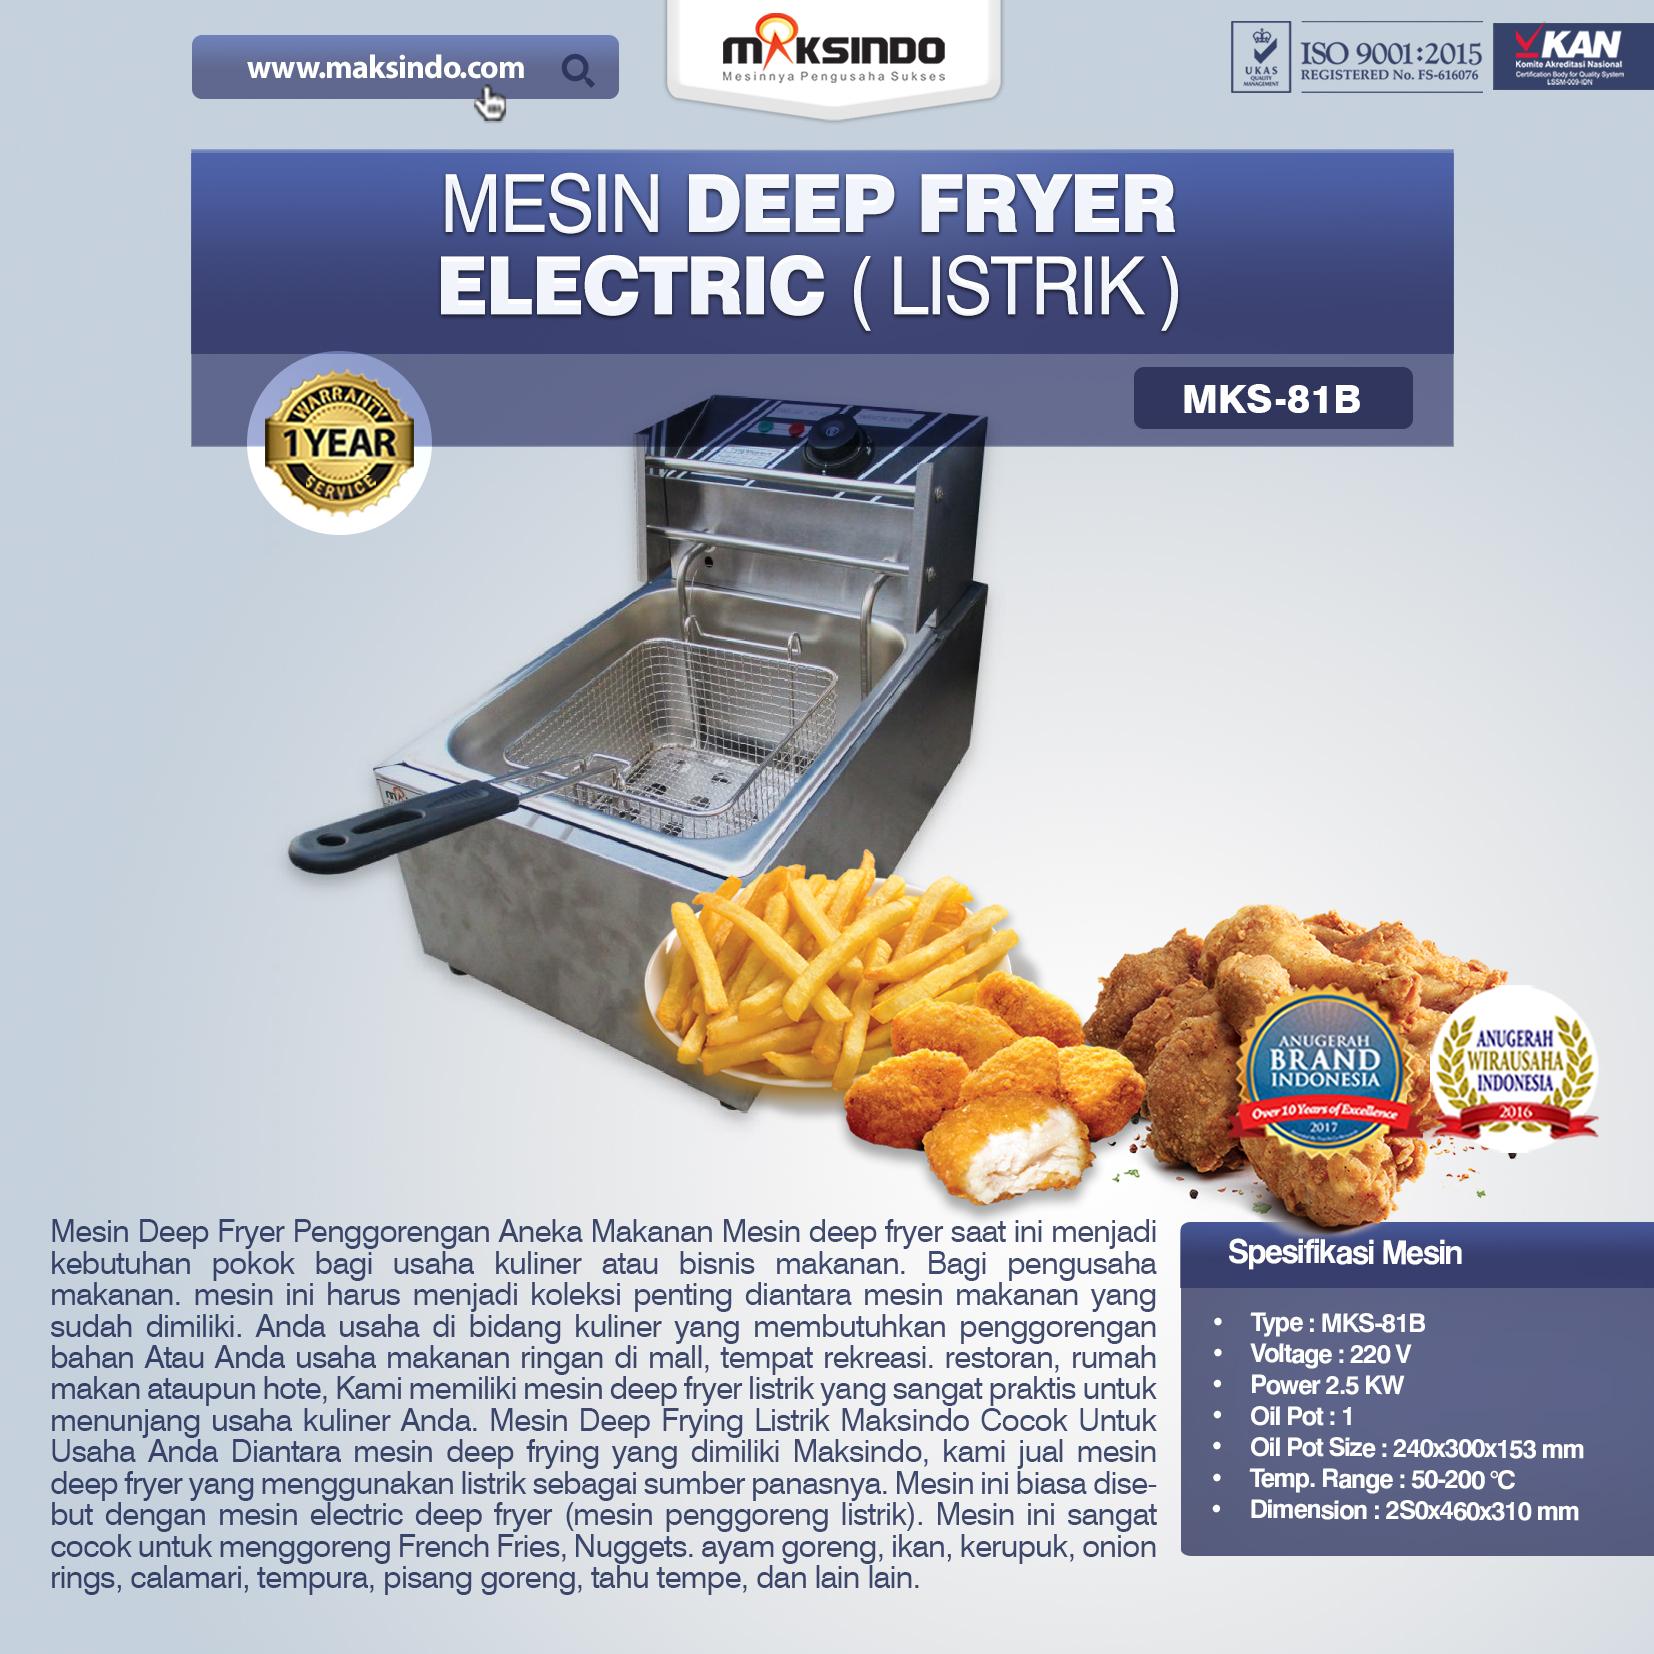 Jual  Mesin Deep Fryer Listrik MKS-81B  di Bali